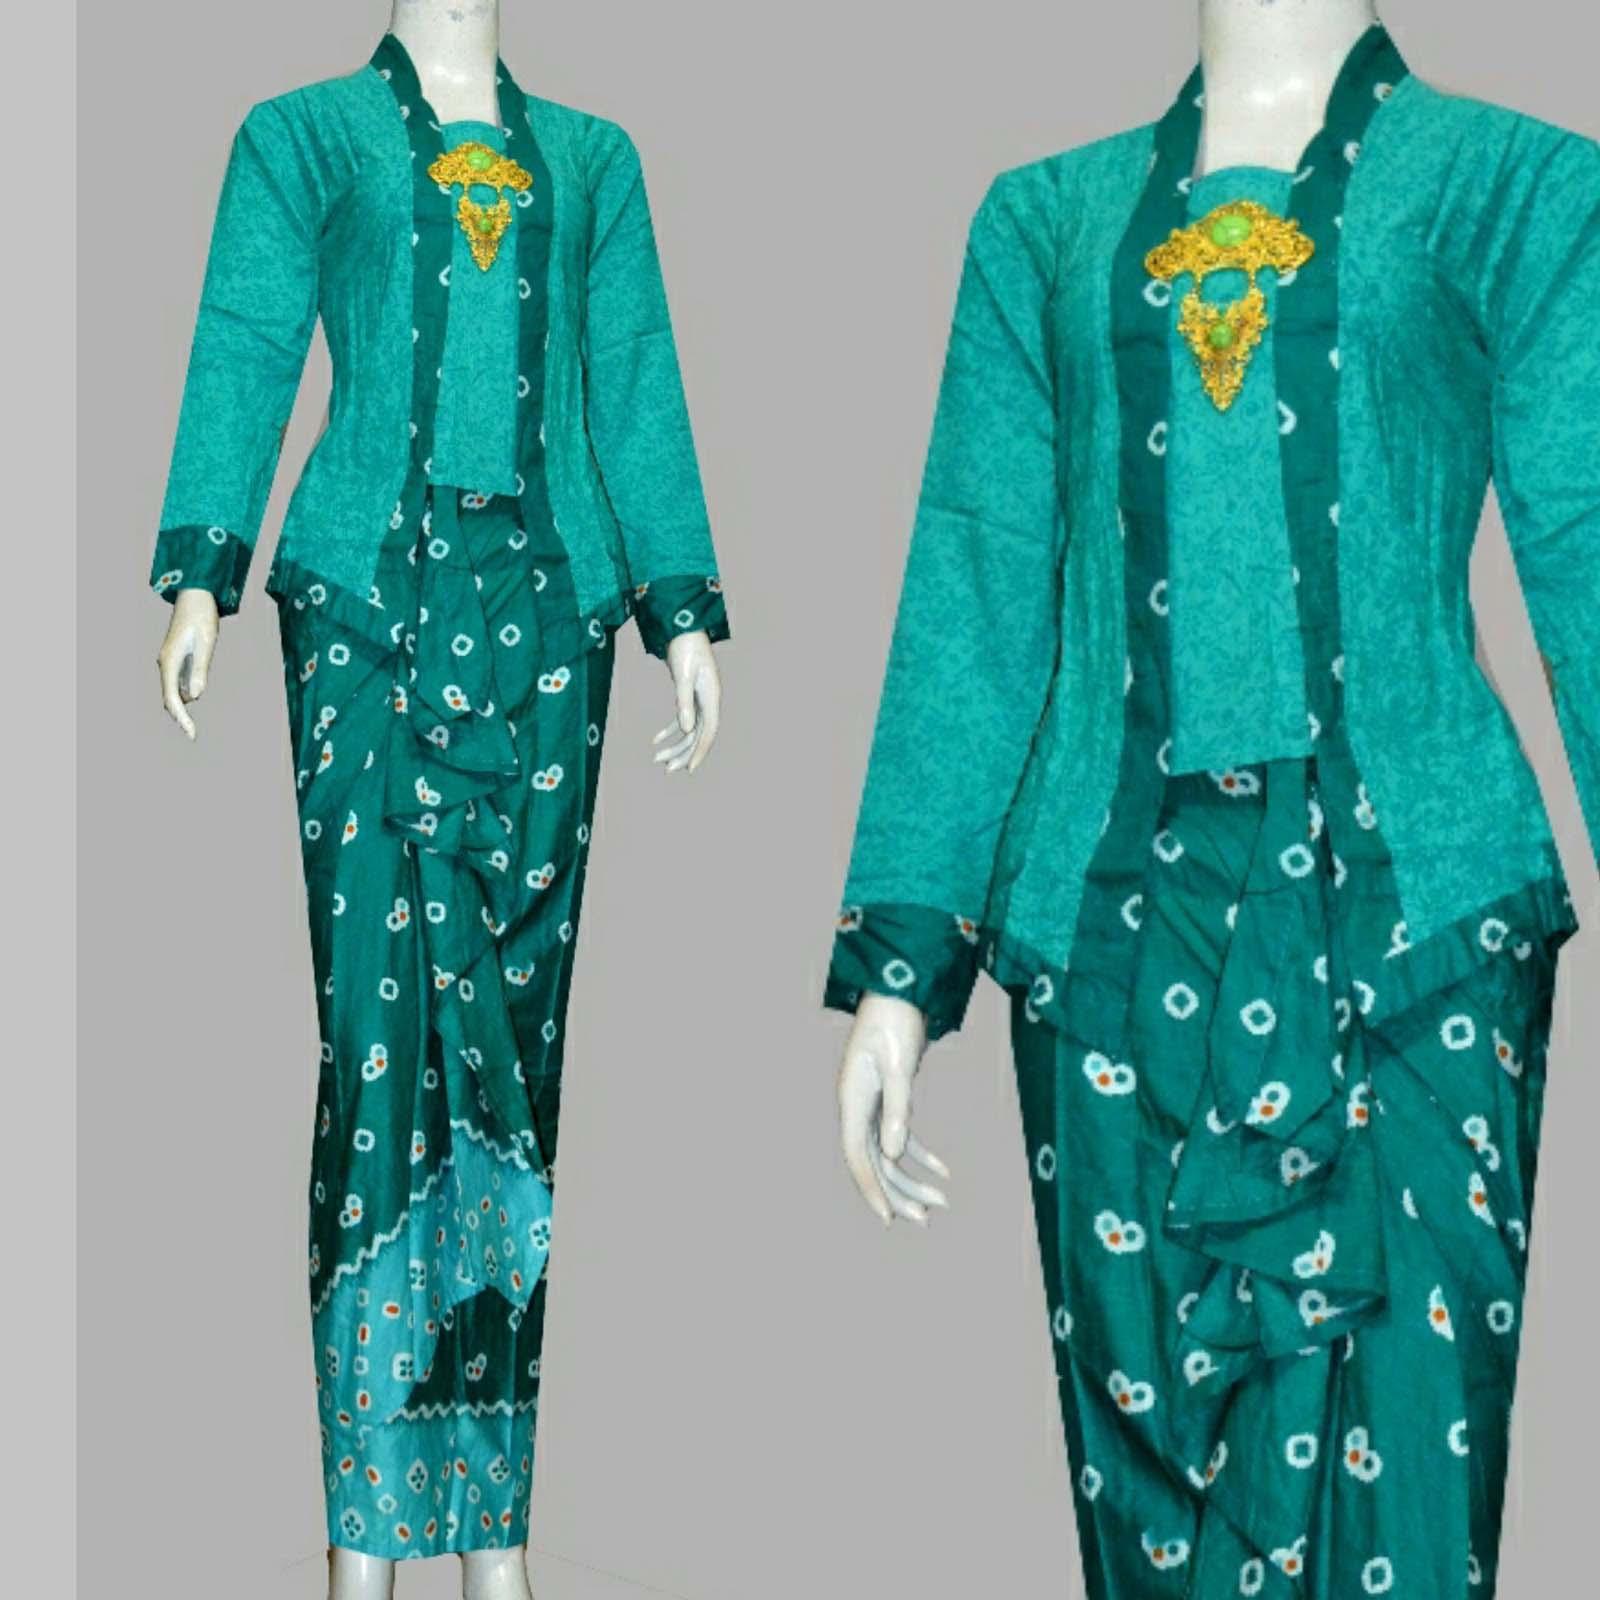 Baju Batik Kerja Sederhana: Desain Baju Batik Pesta Ini Bakal Bikin Kamu Hits